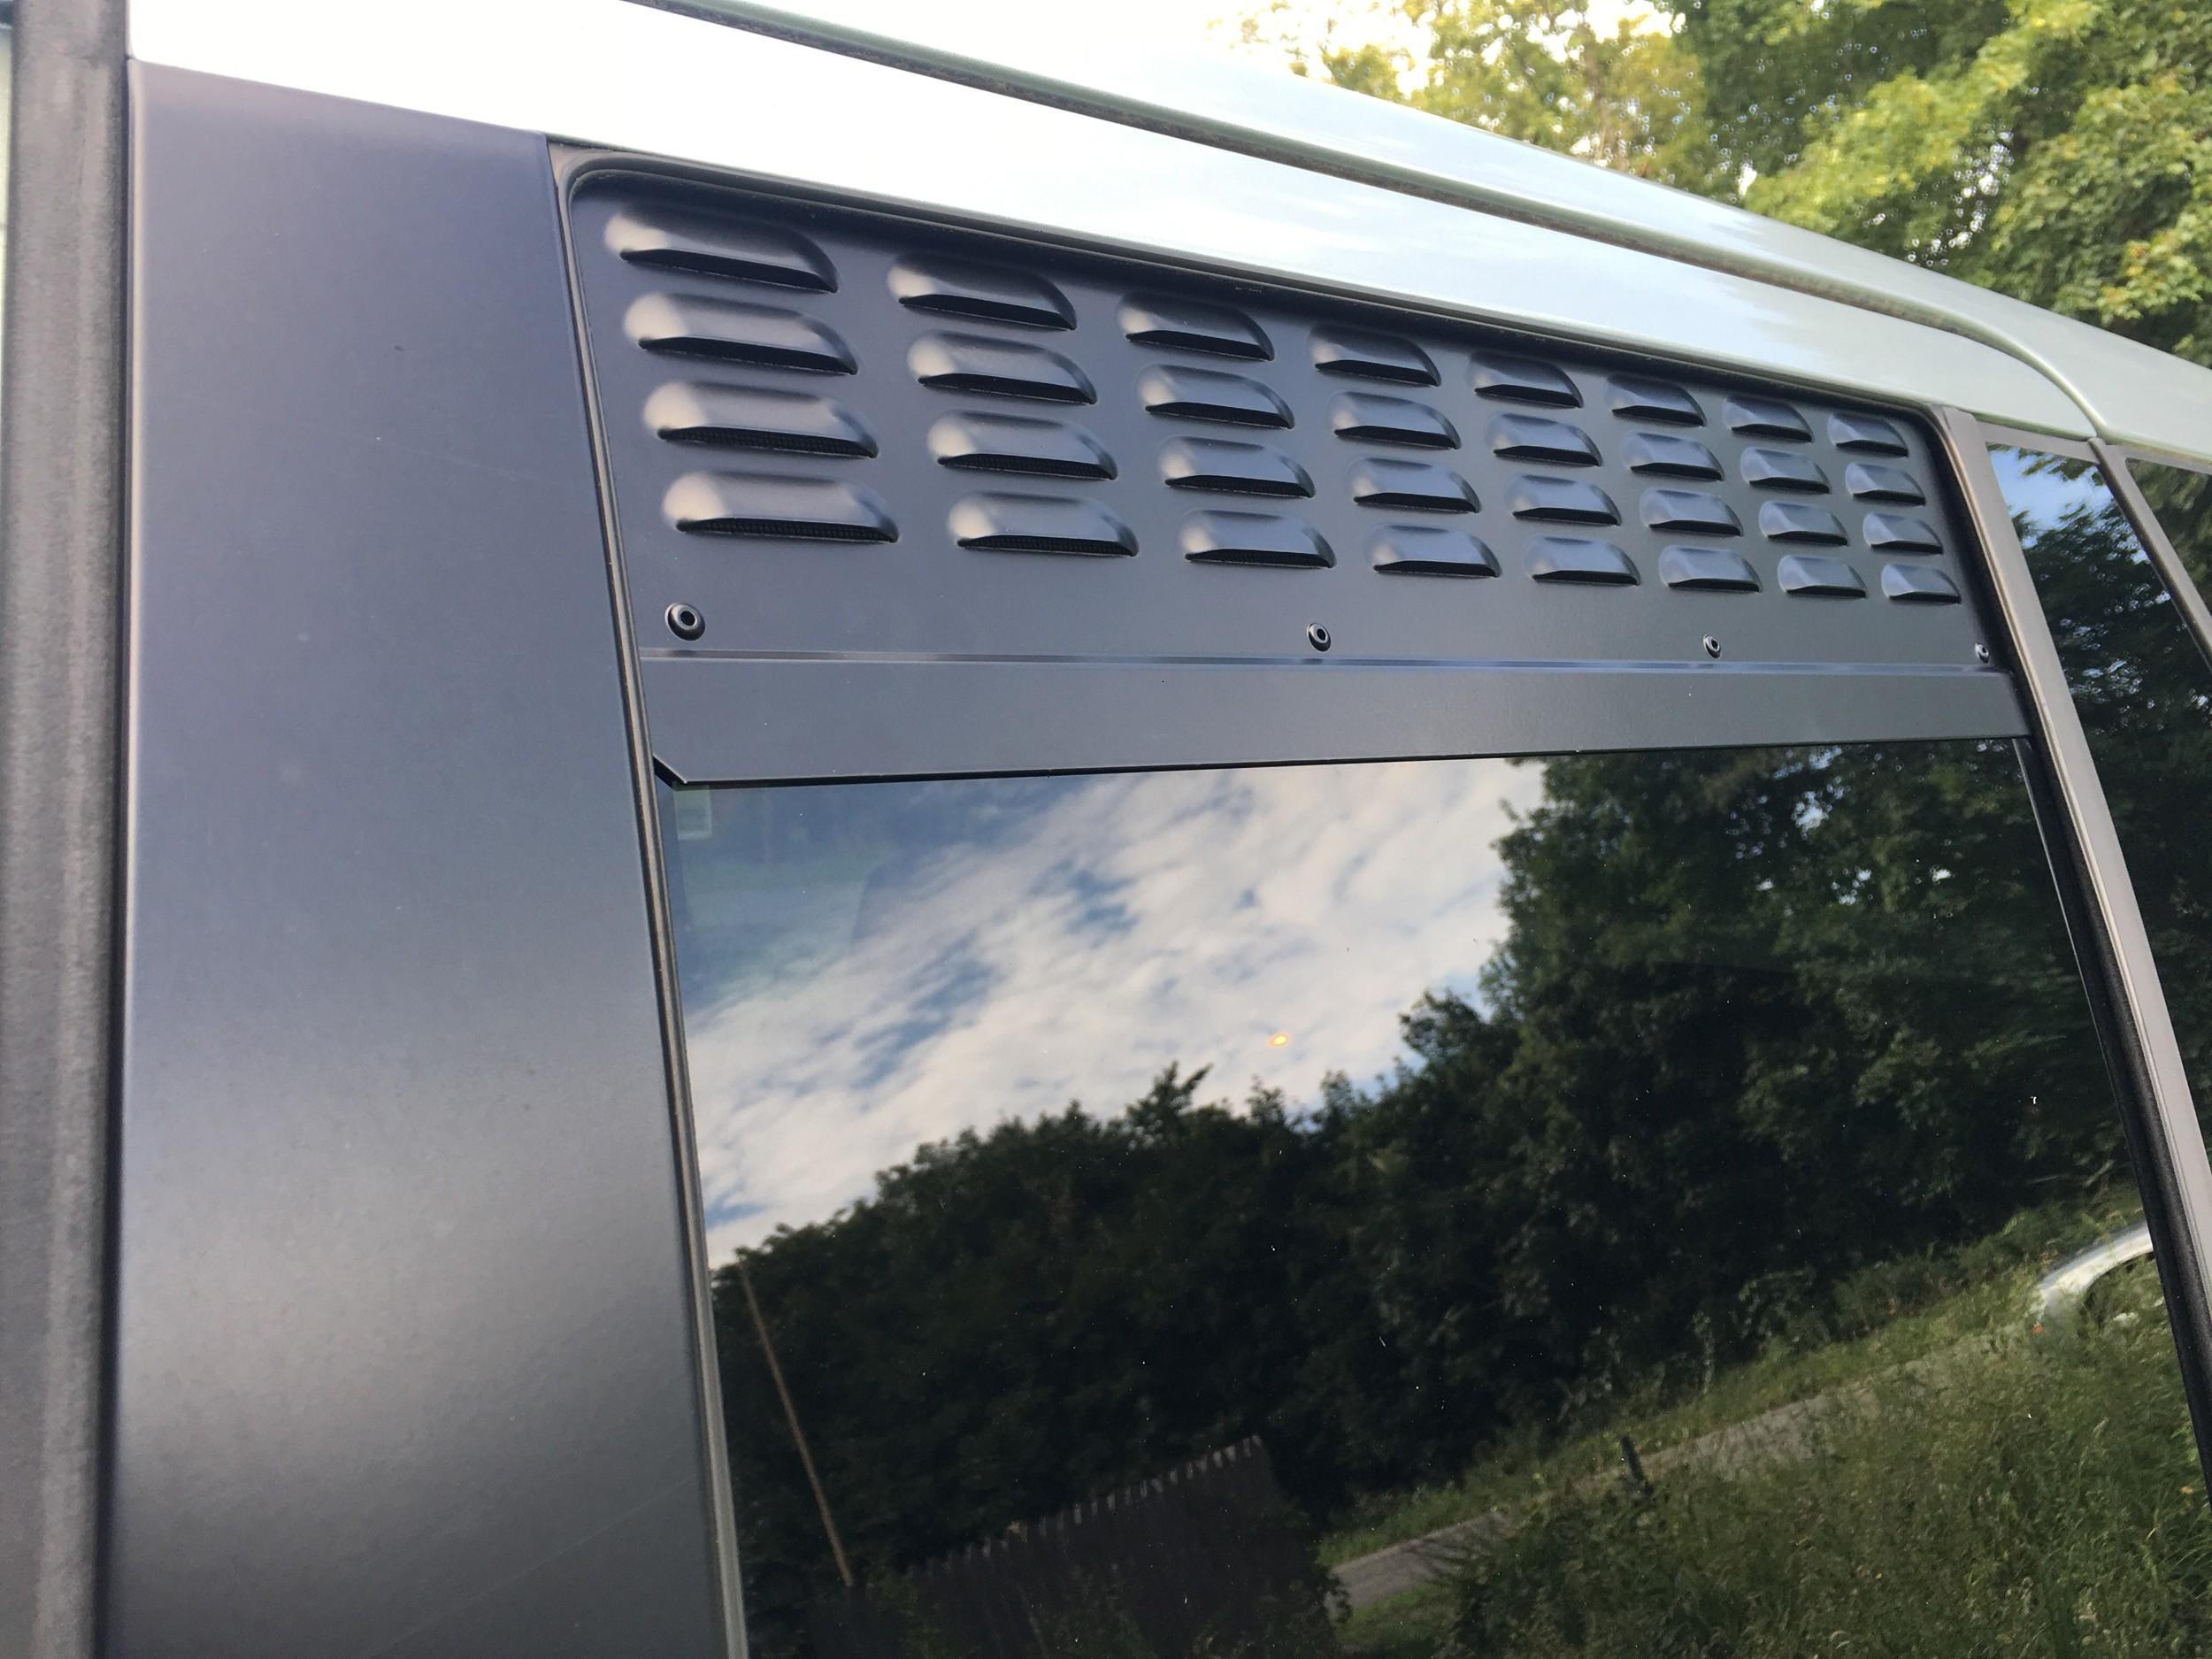 Range Rover Sport (2006-2013) 2nd Row Doors Window Vents (set of 2)